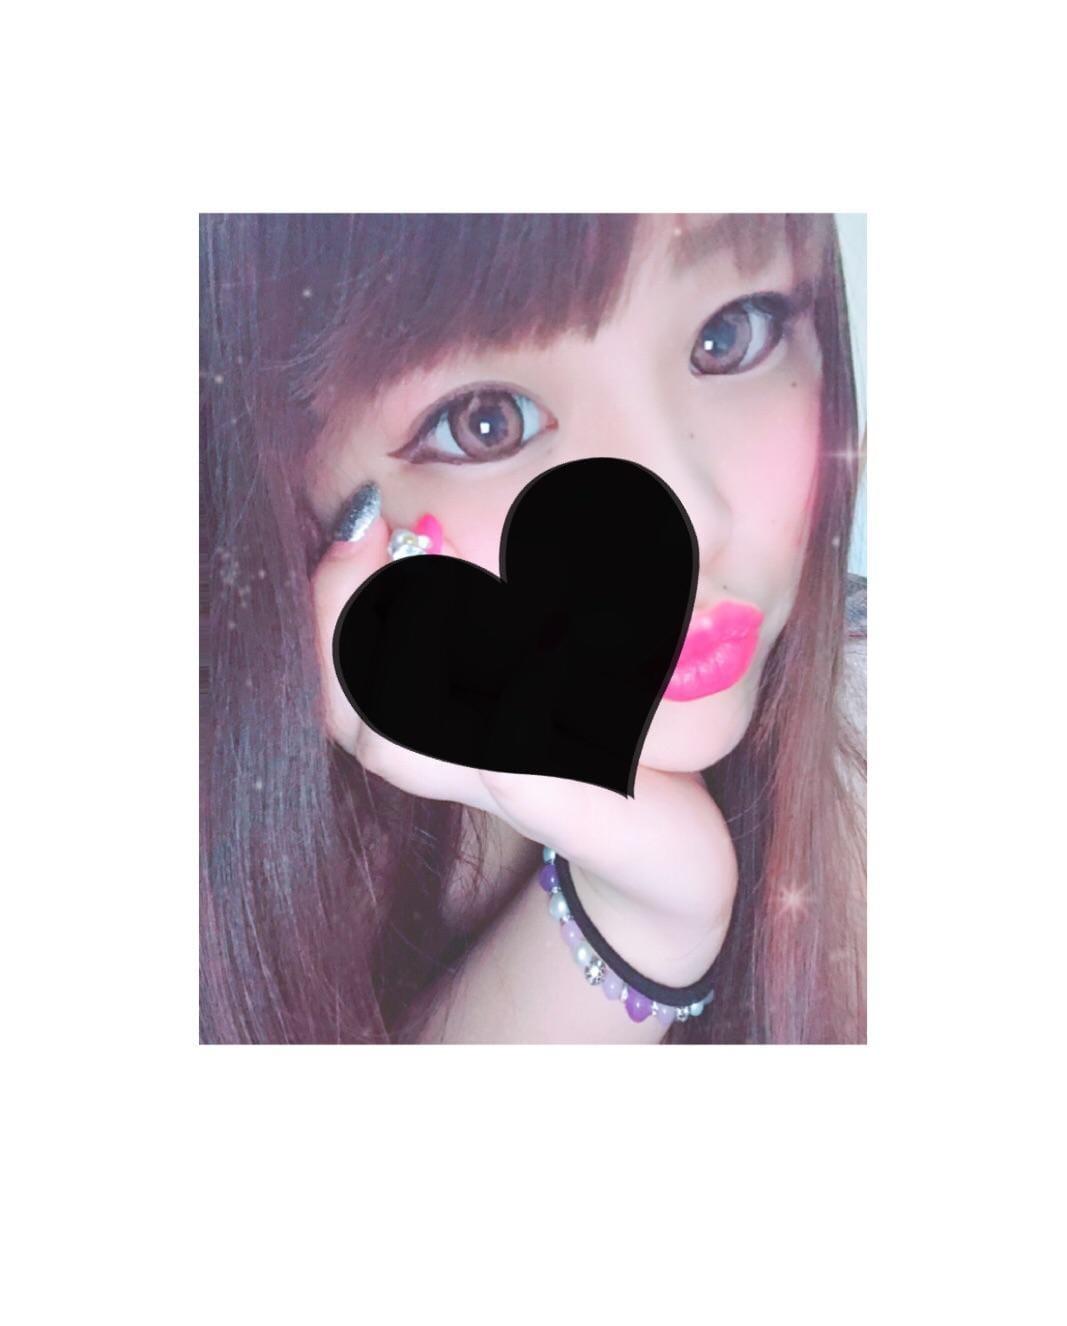 「出勤だお♡」05/25(金) 21:03   れんれんの写メ・風俗動画